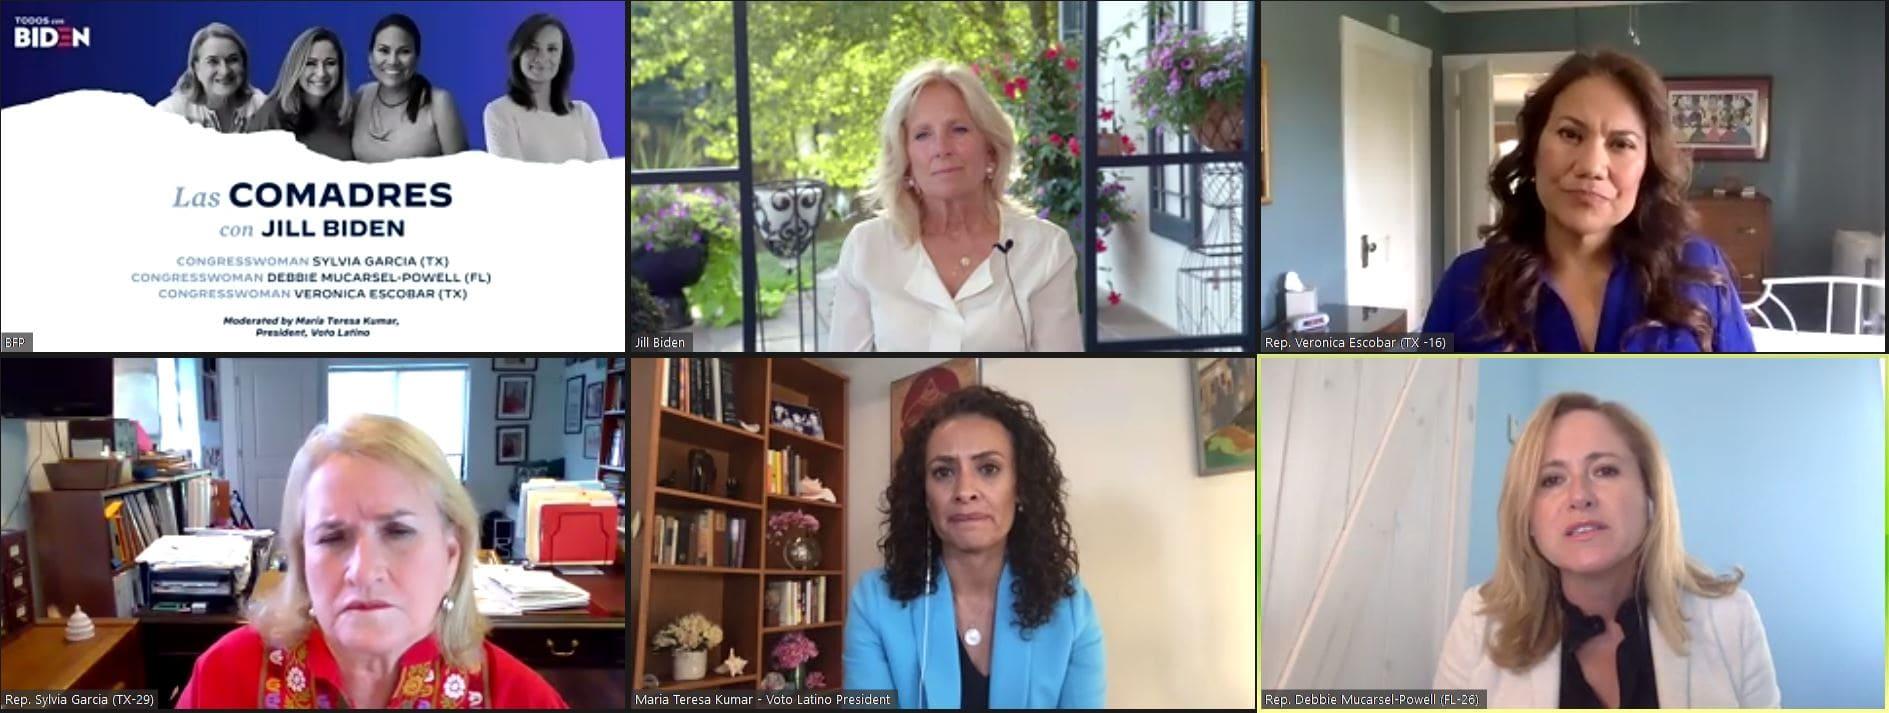 Jill-Biden-Debbie-Mucarsel-Powell-Zoom-event.jpg